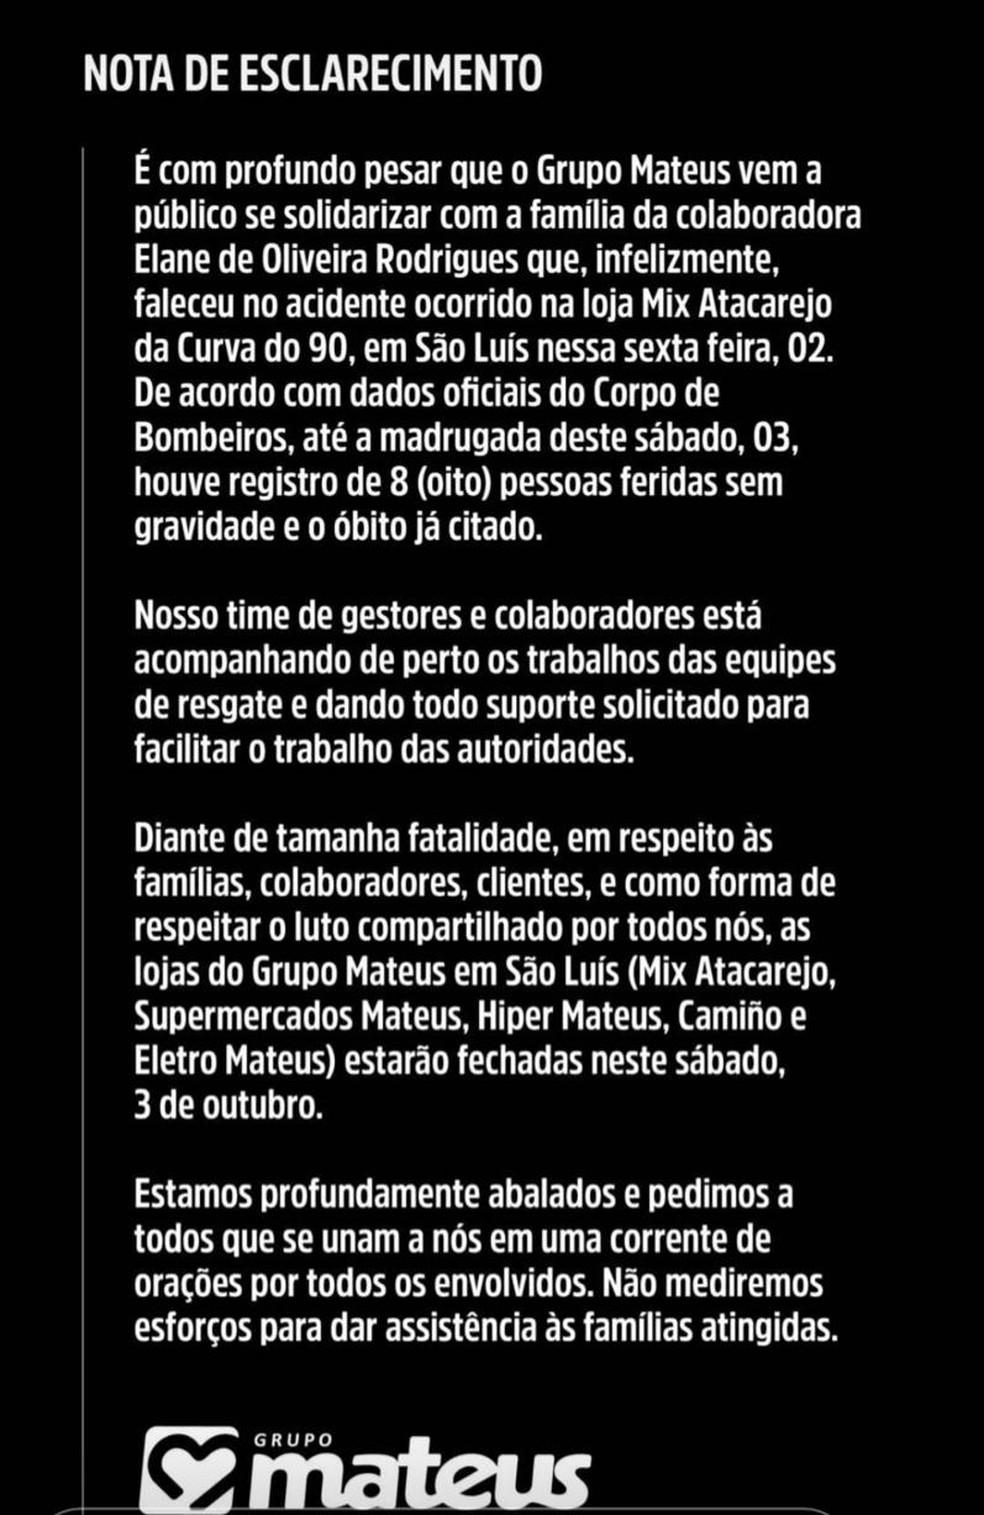 Grupo Mateus emite nota sobre o acidente em supermercado em São Luís — Foto: Divulgação